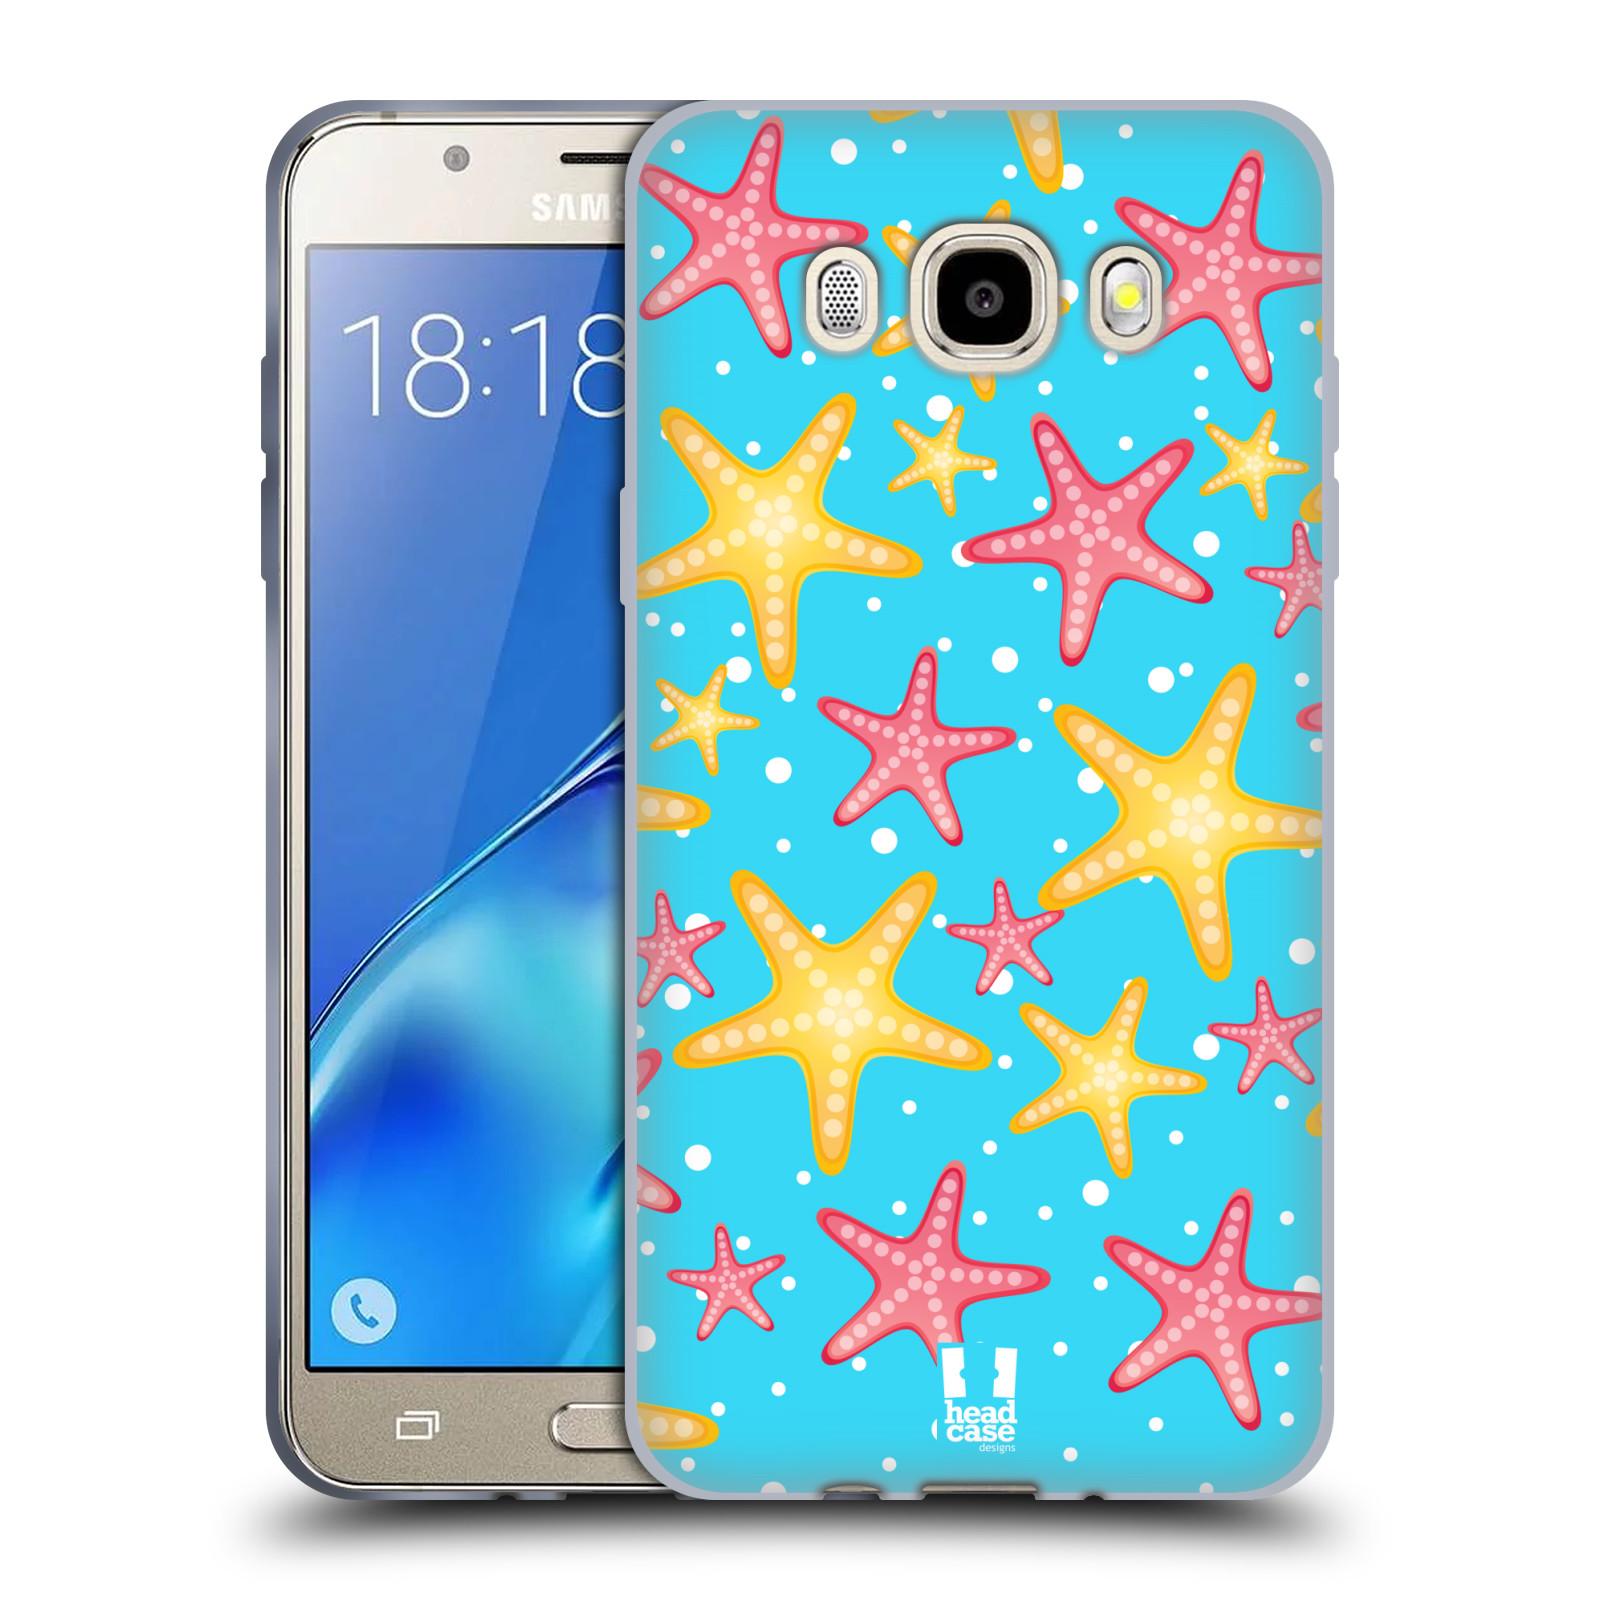 HEAD CASE silikonový obal, kryt na mobil Samsung Galaxy J5 2016, J510, J510F, (J510F DUAL SIM) vzor mořský živočich hvězda